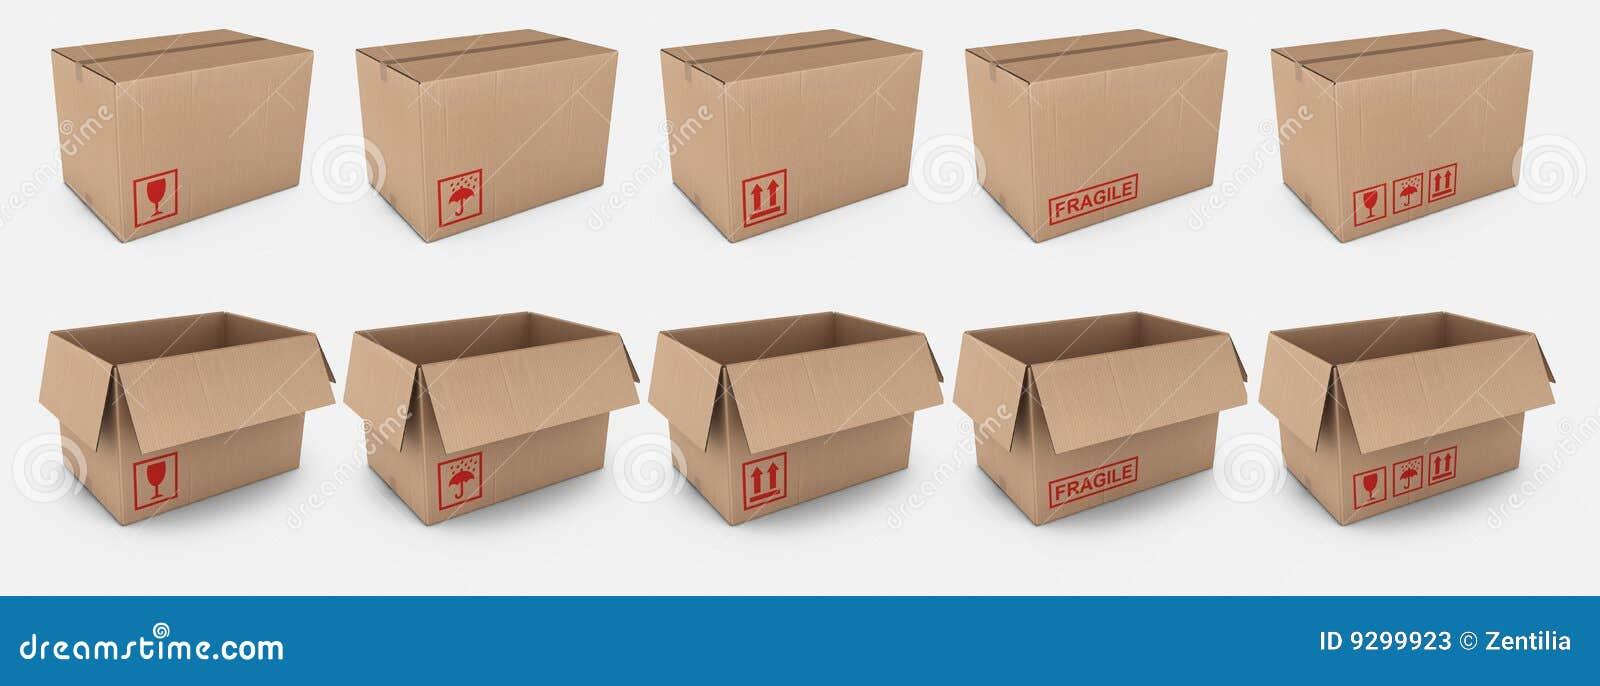 картон коробок обозначает предупреждение